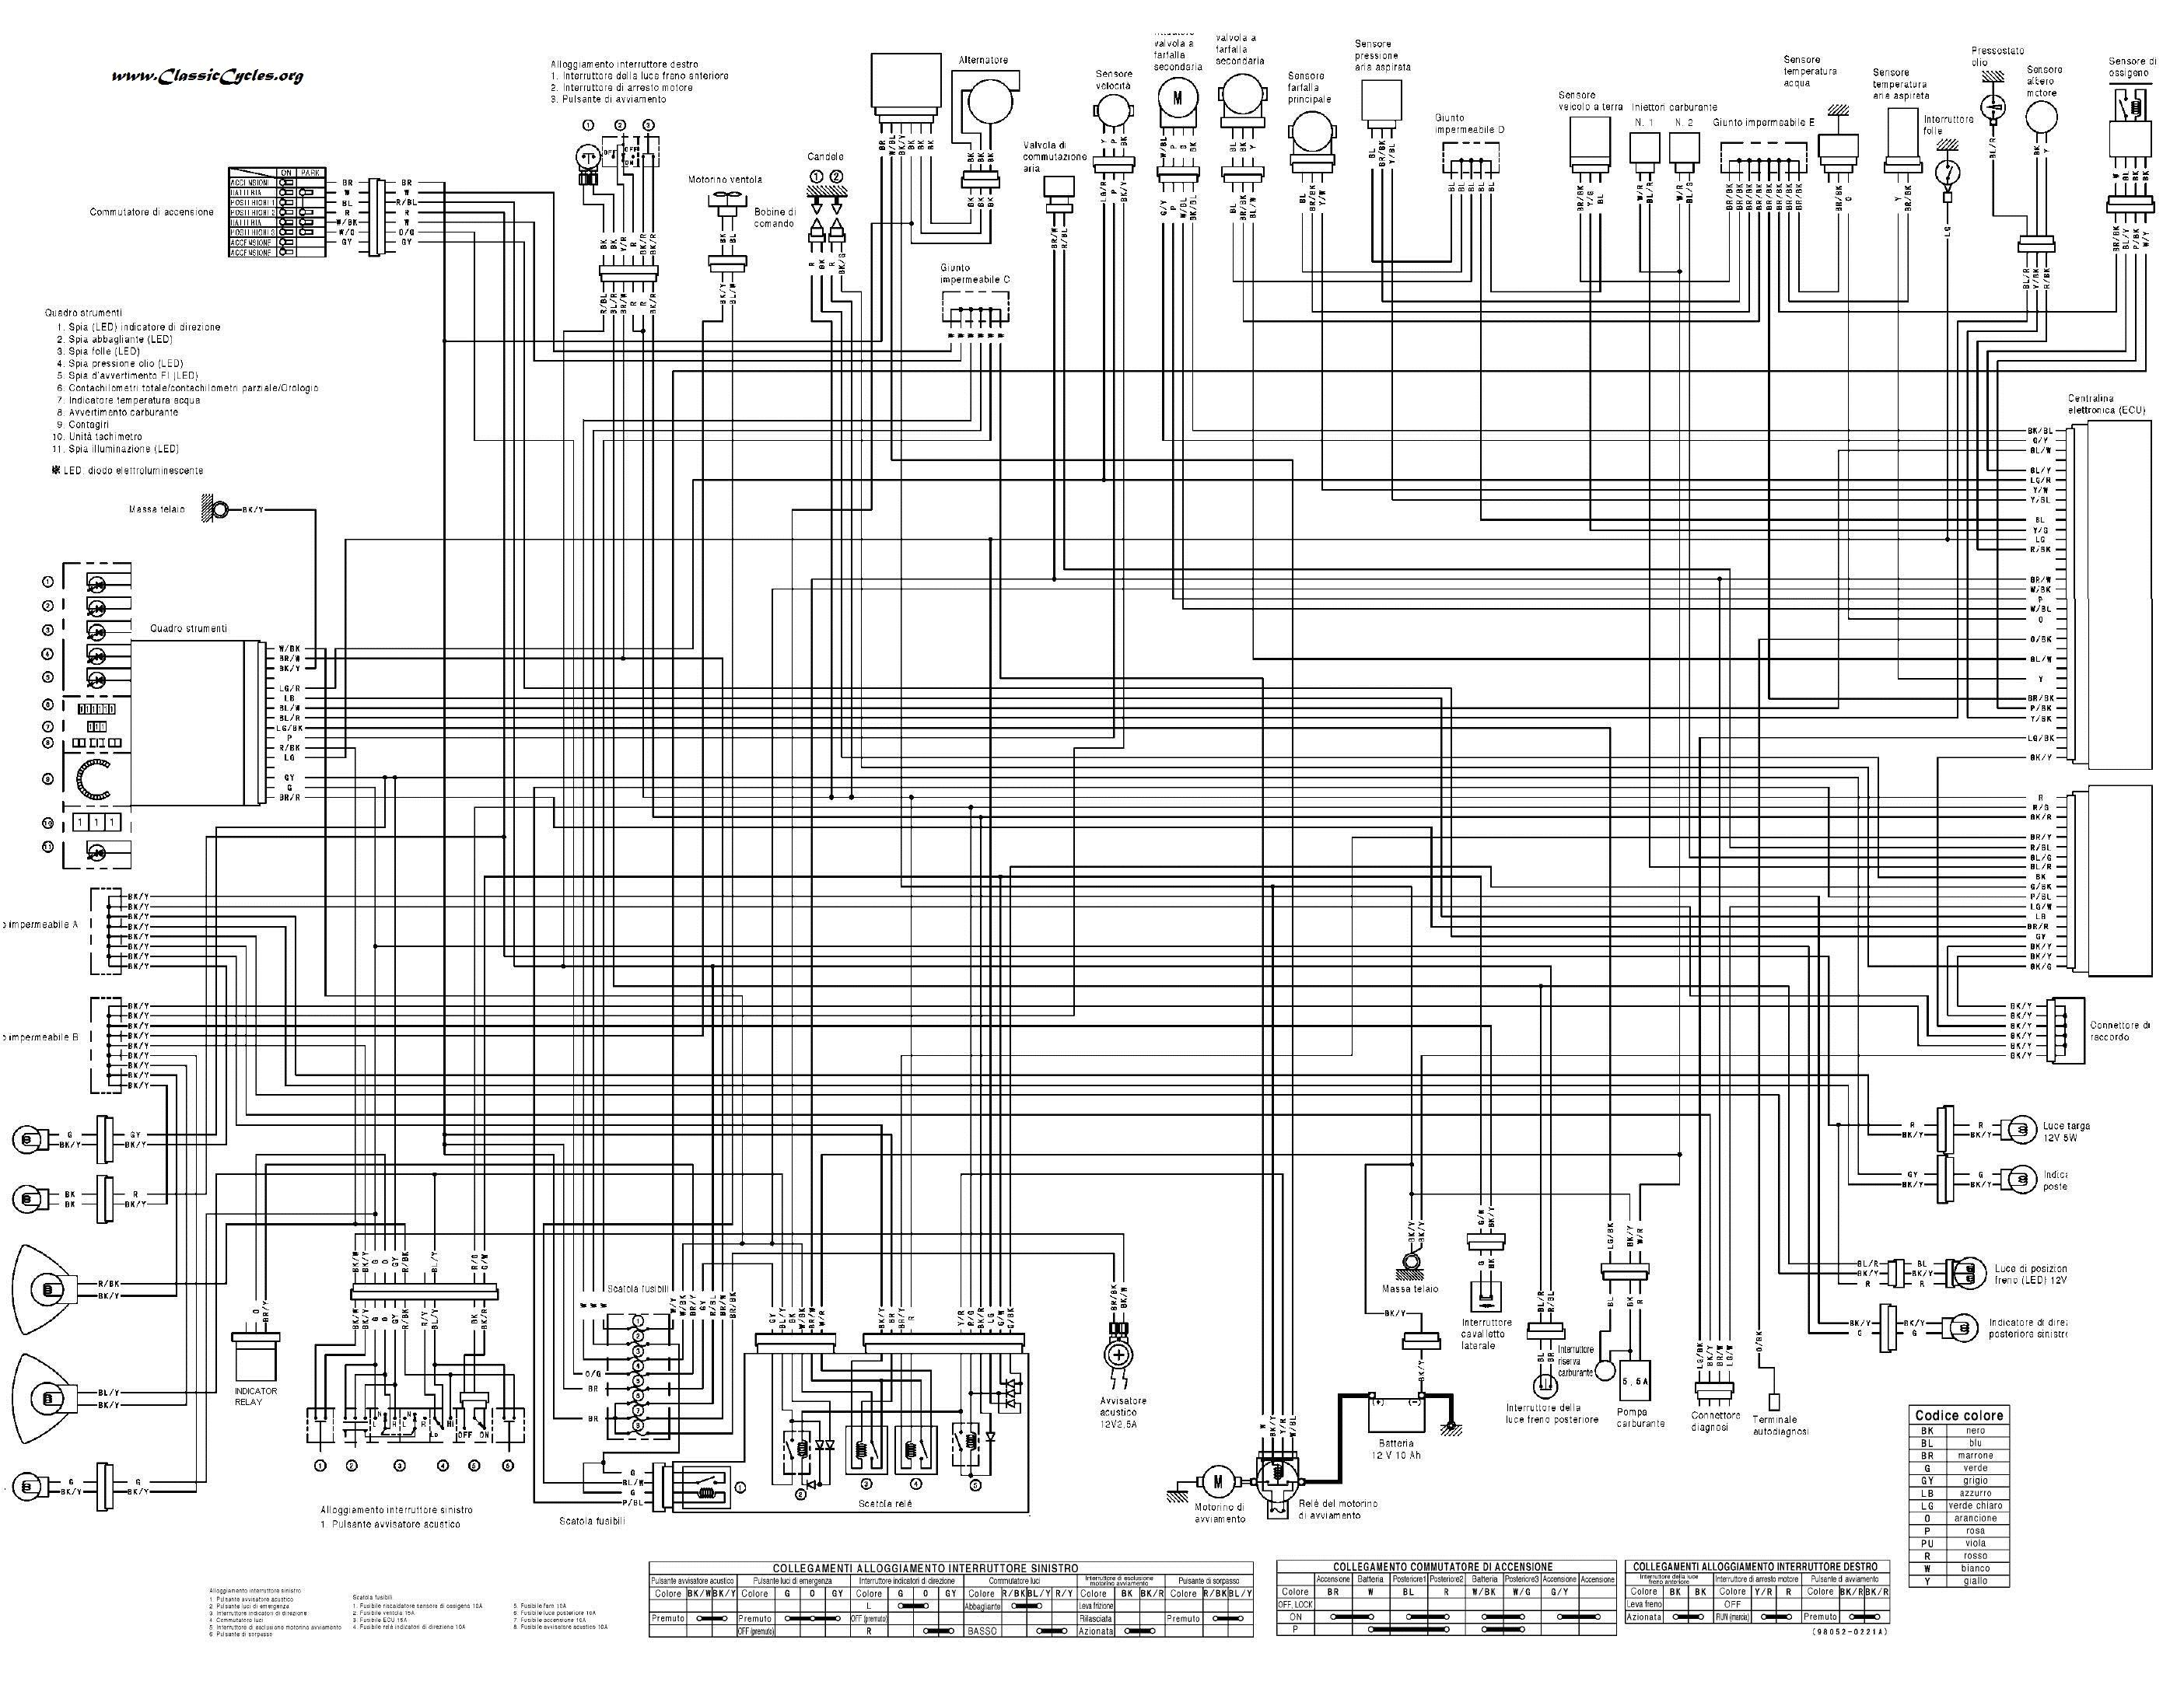 suzuki gs550 e 19771979 usa electrical schematic partsfiche wiring